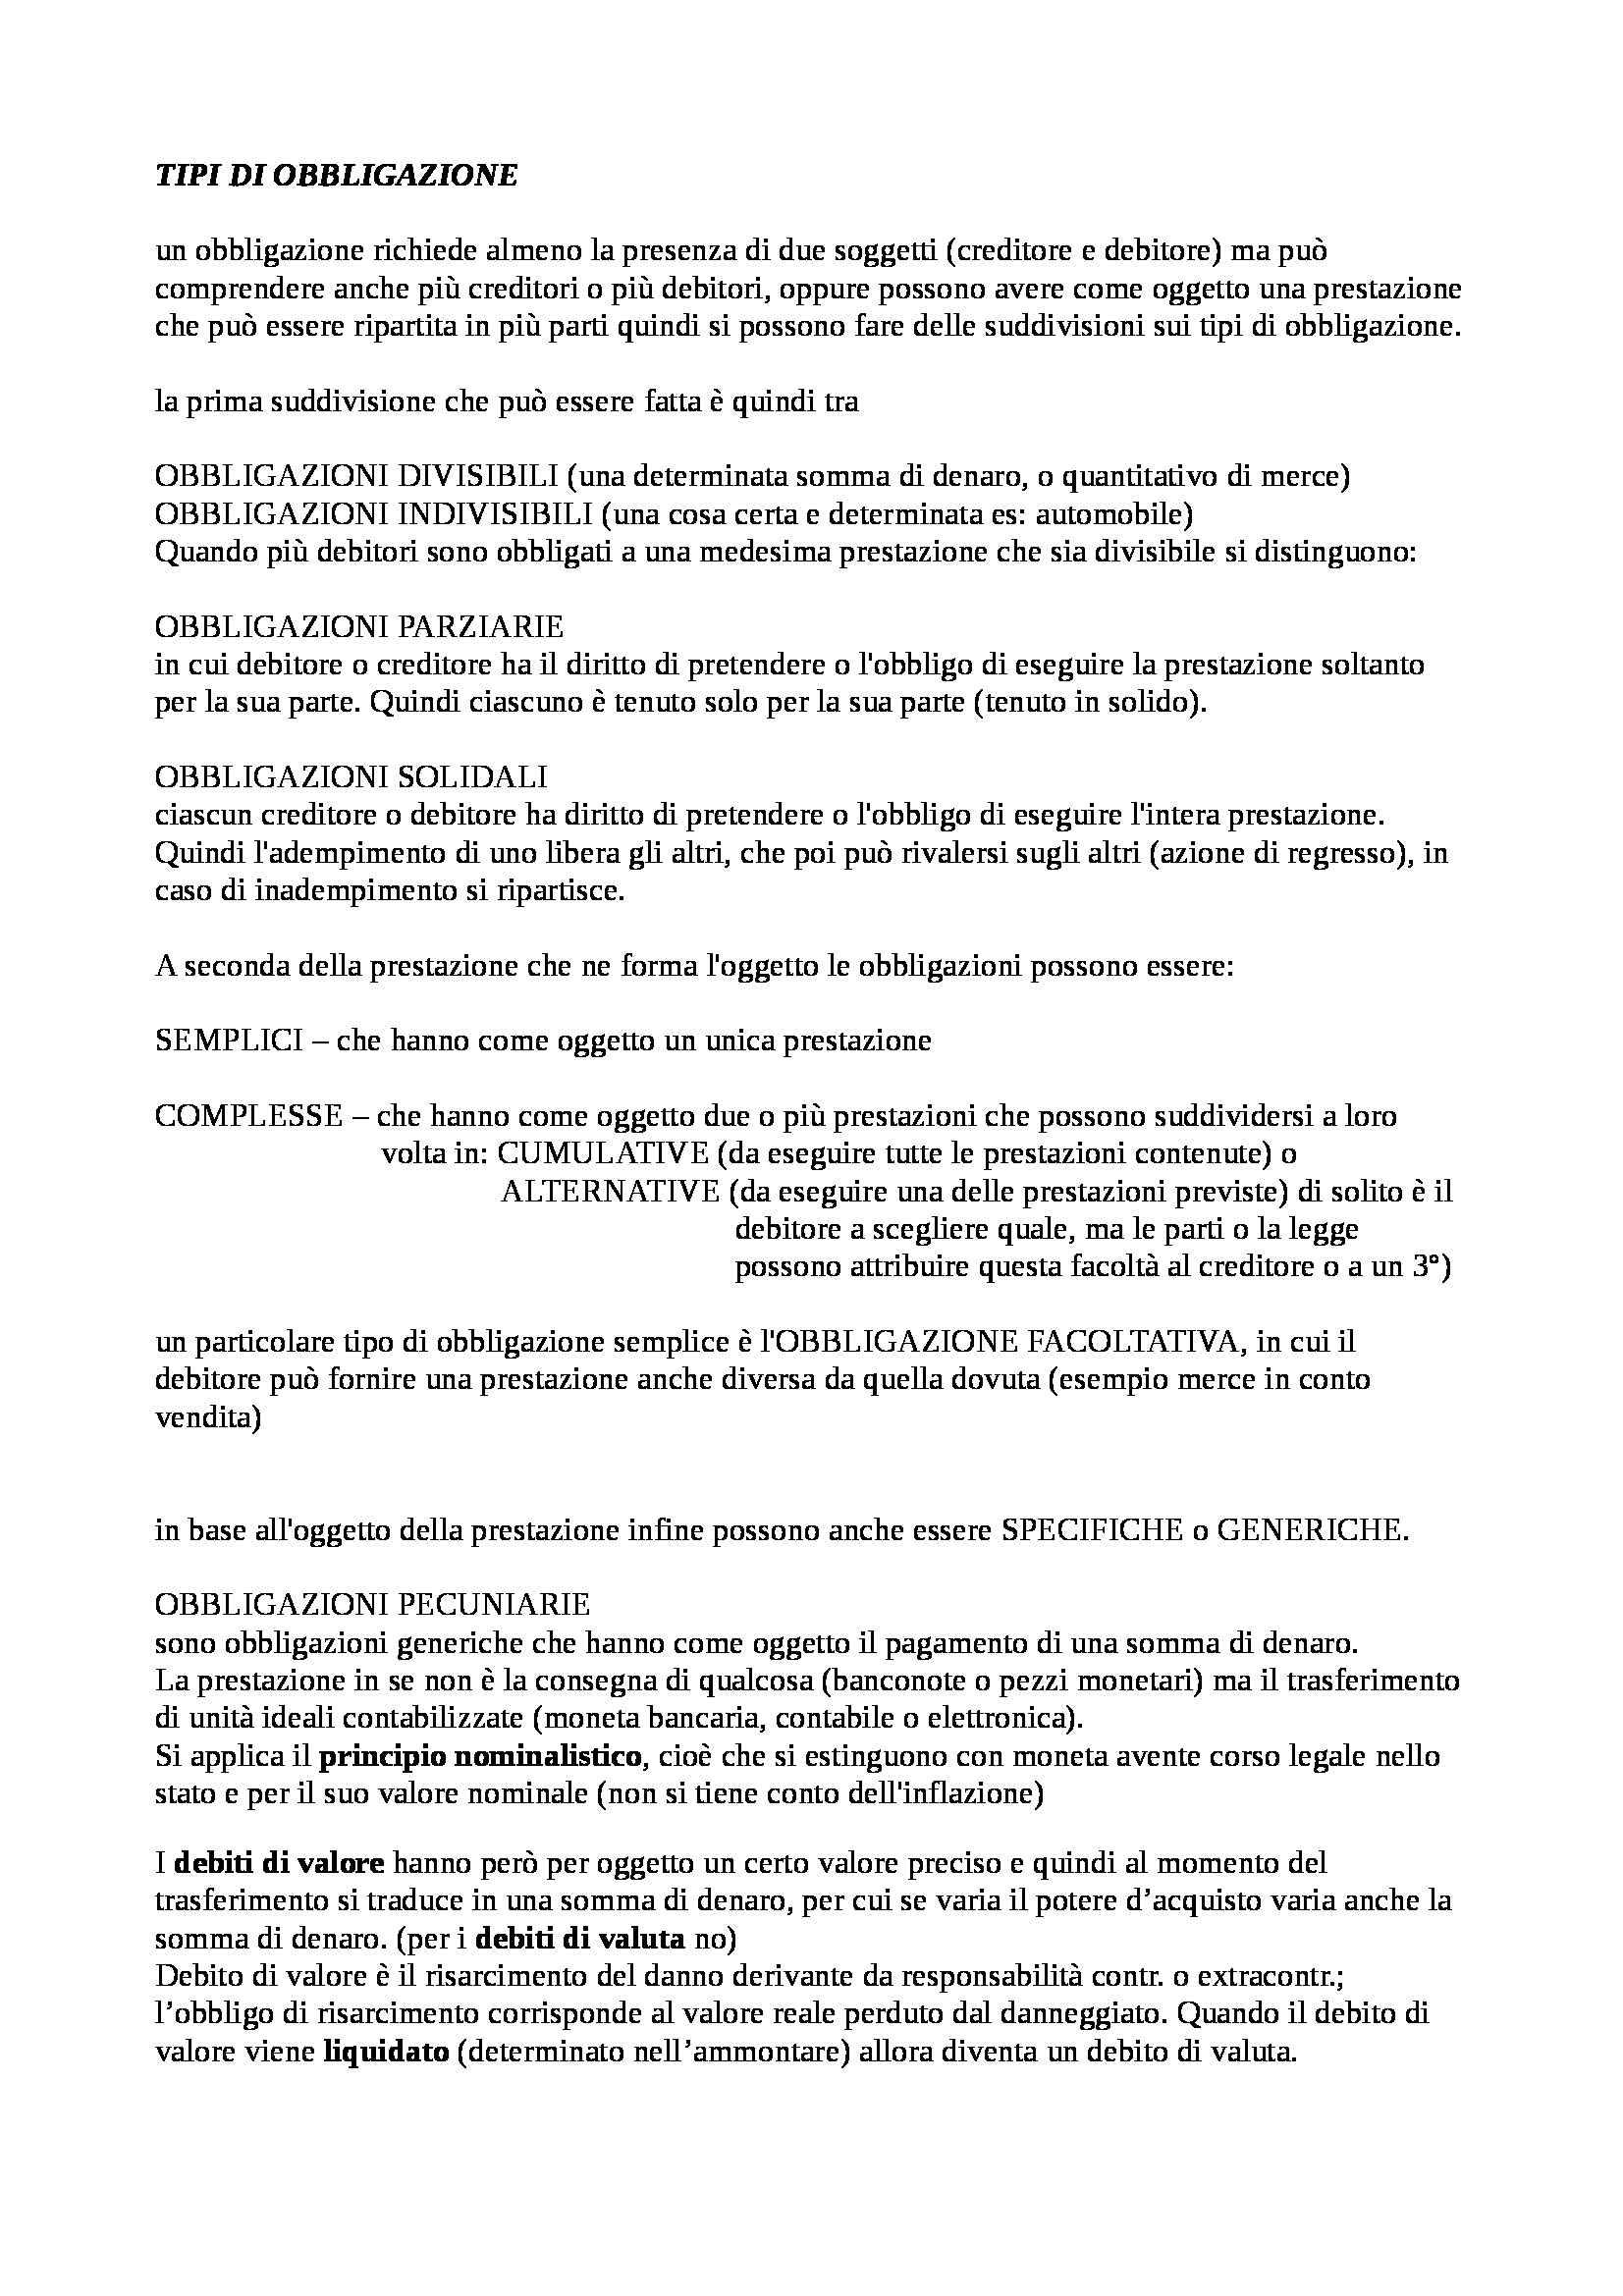 Diritto privato - Obbligazioni Pag. 2